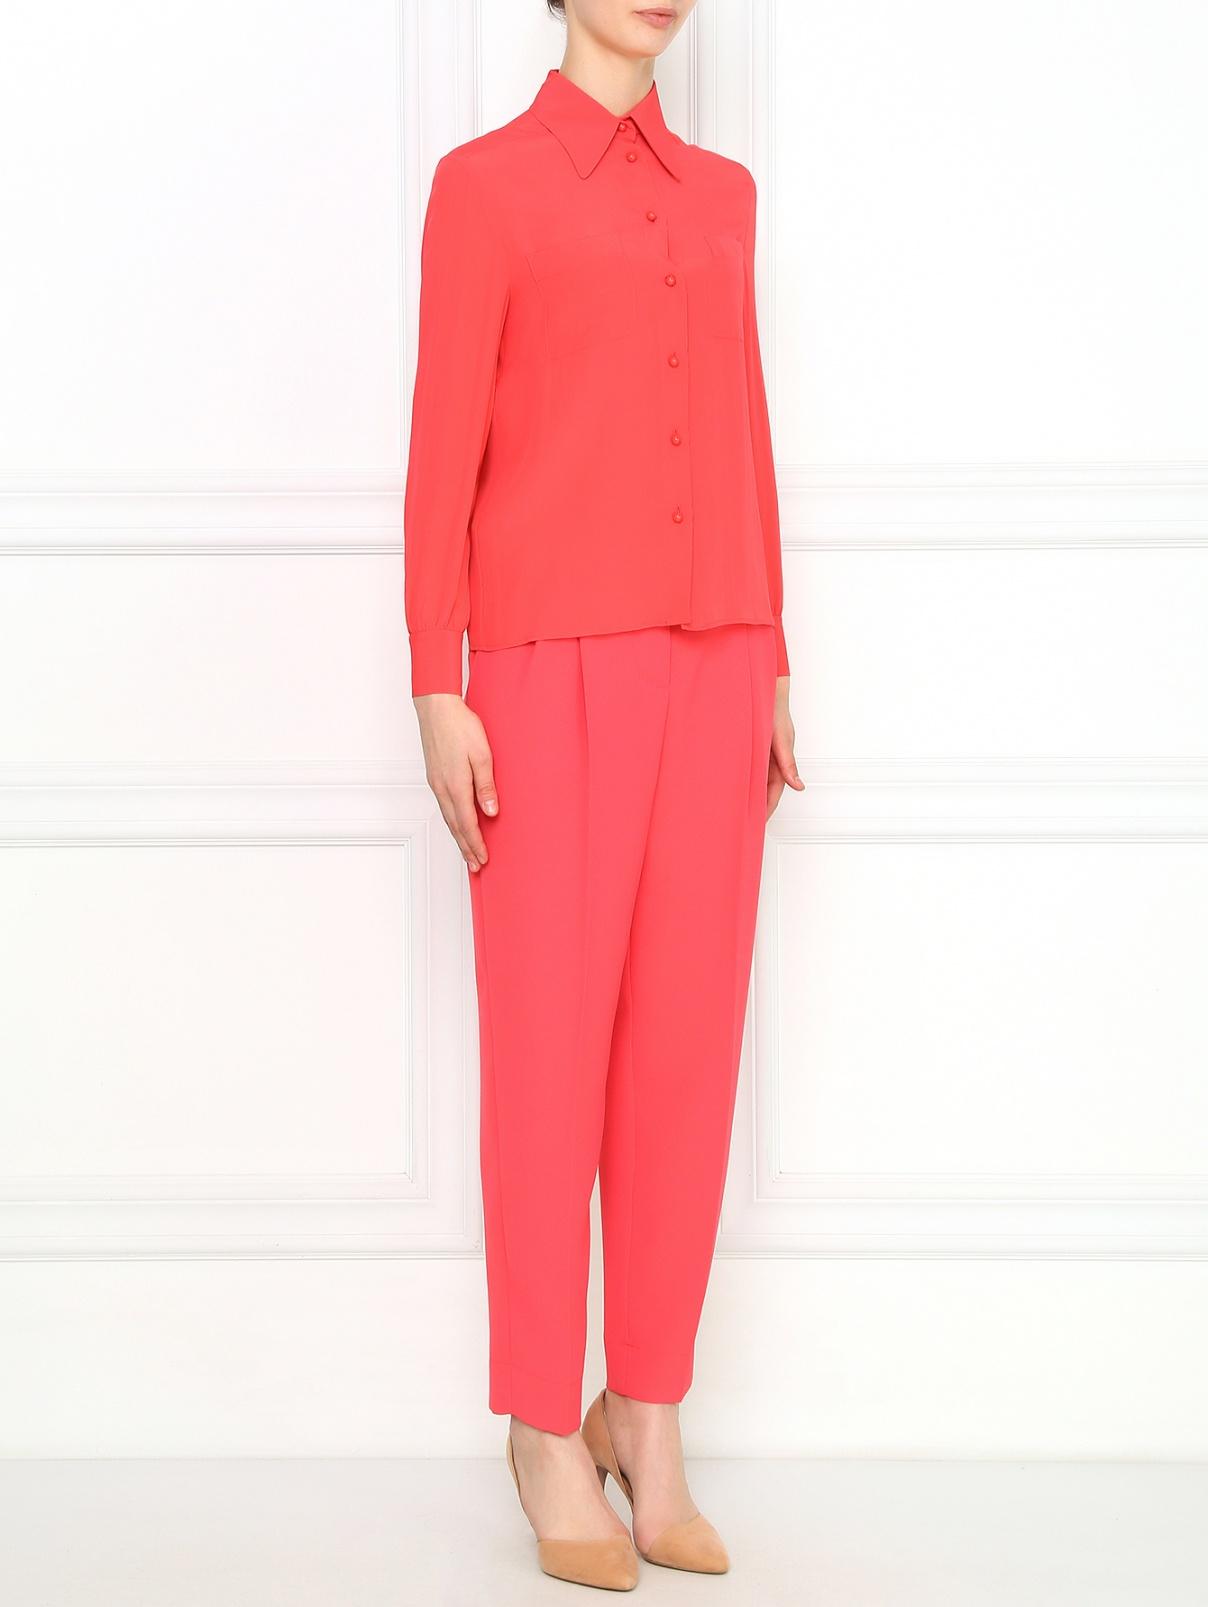 Свободные укороченные брюки с защипами Philosophy Di Lorenzo Serafini  –  Модель Общий вид  – Цвет:  Розовый